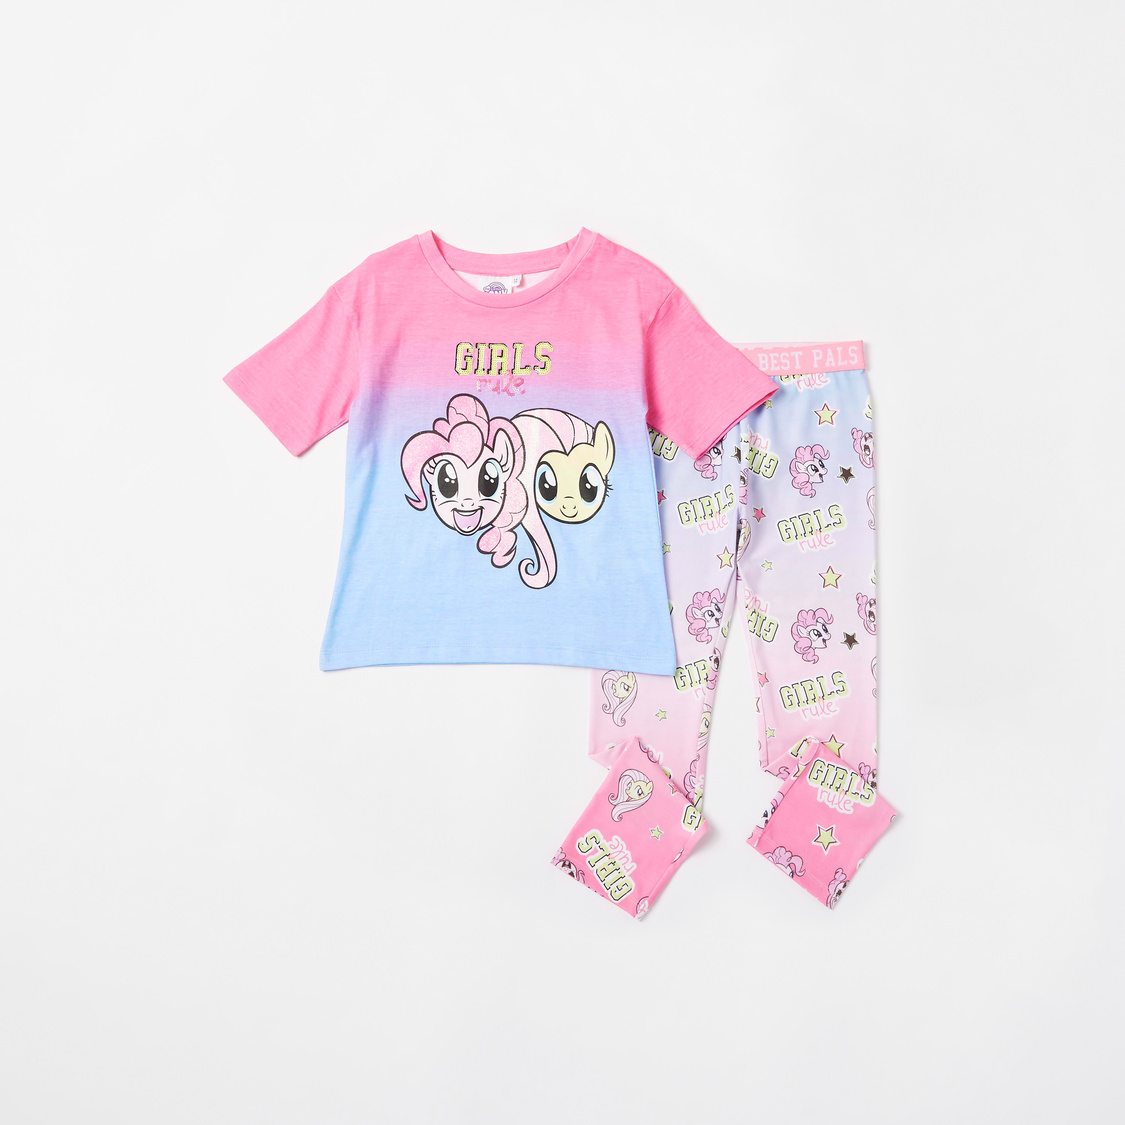 My Little Pony Print T-shirt and Full Length Leggings Set